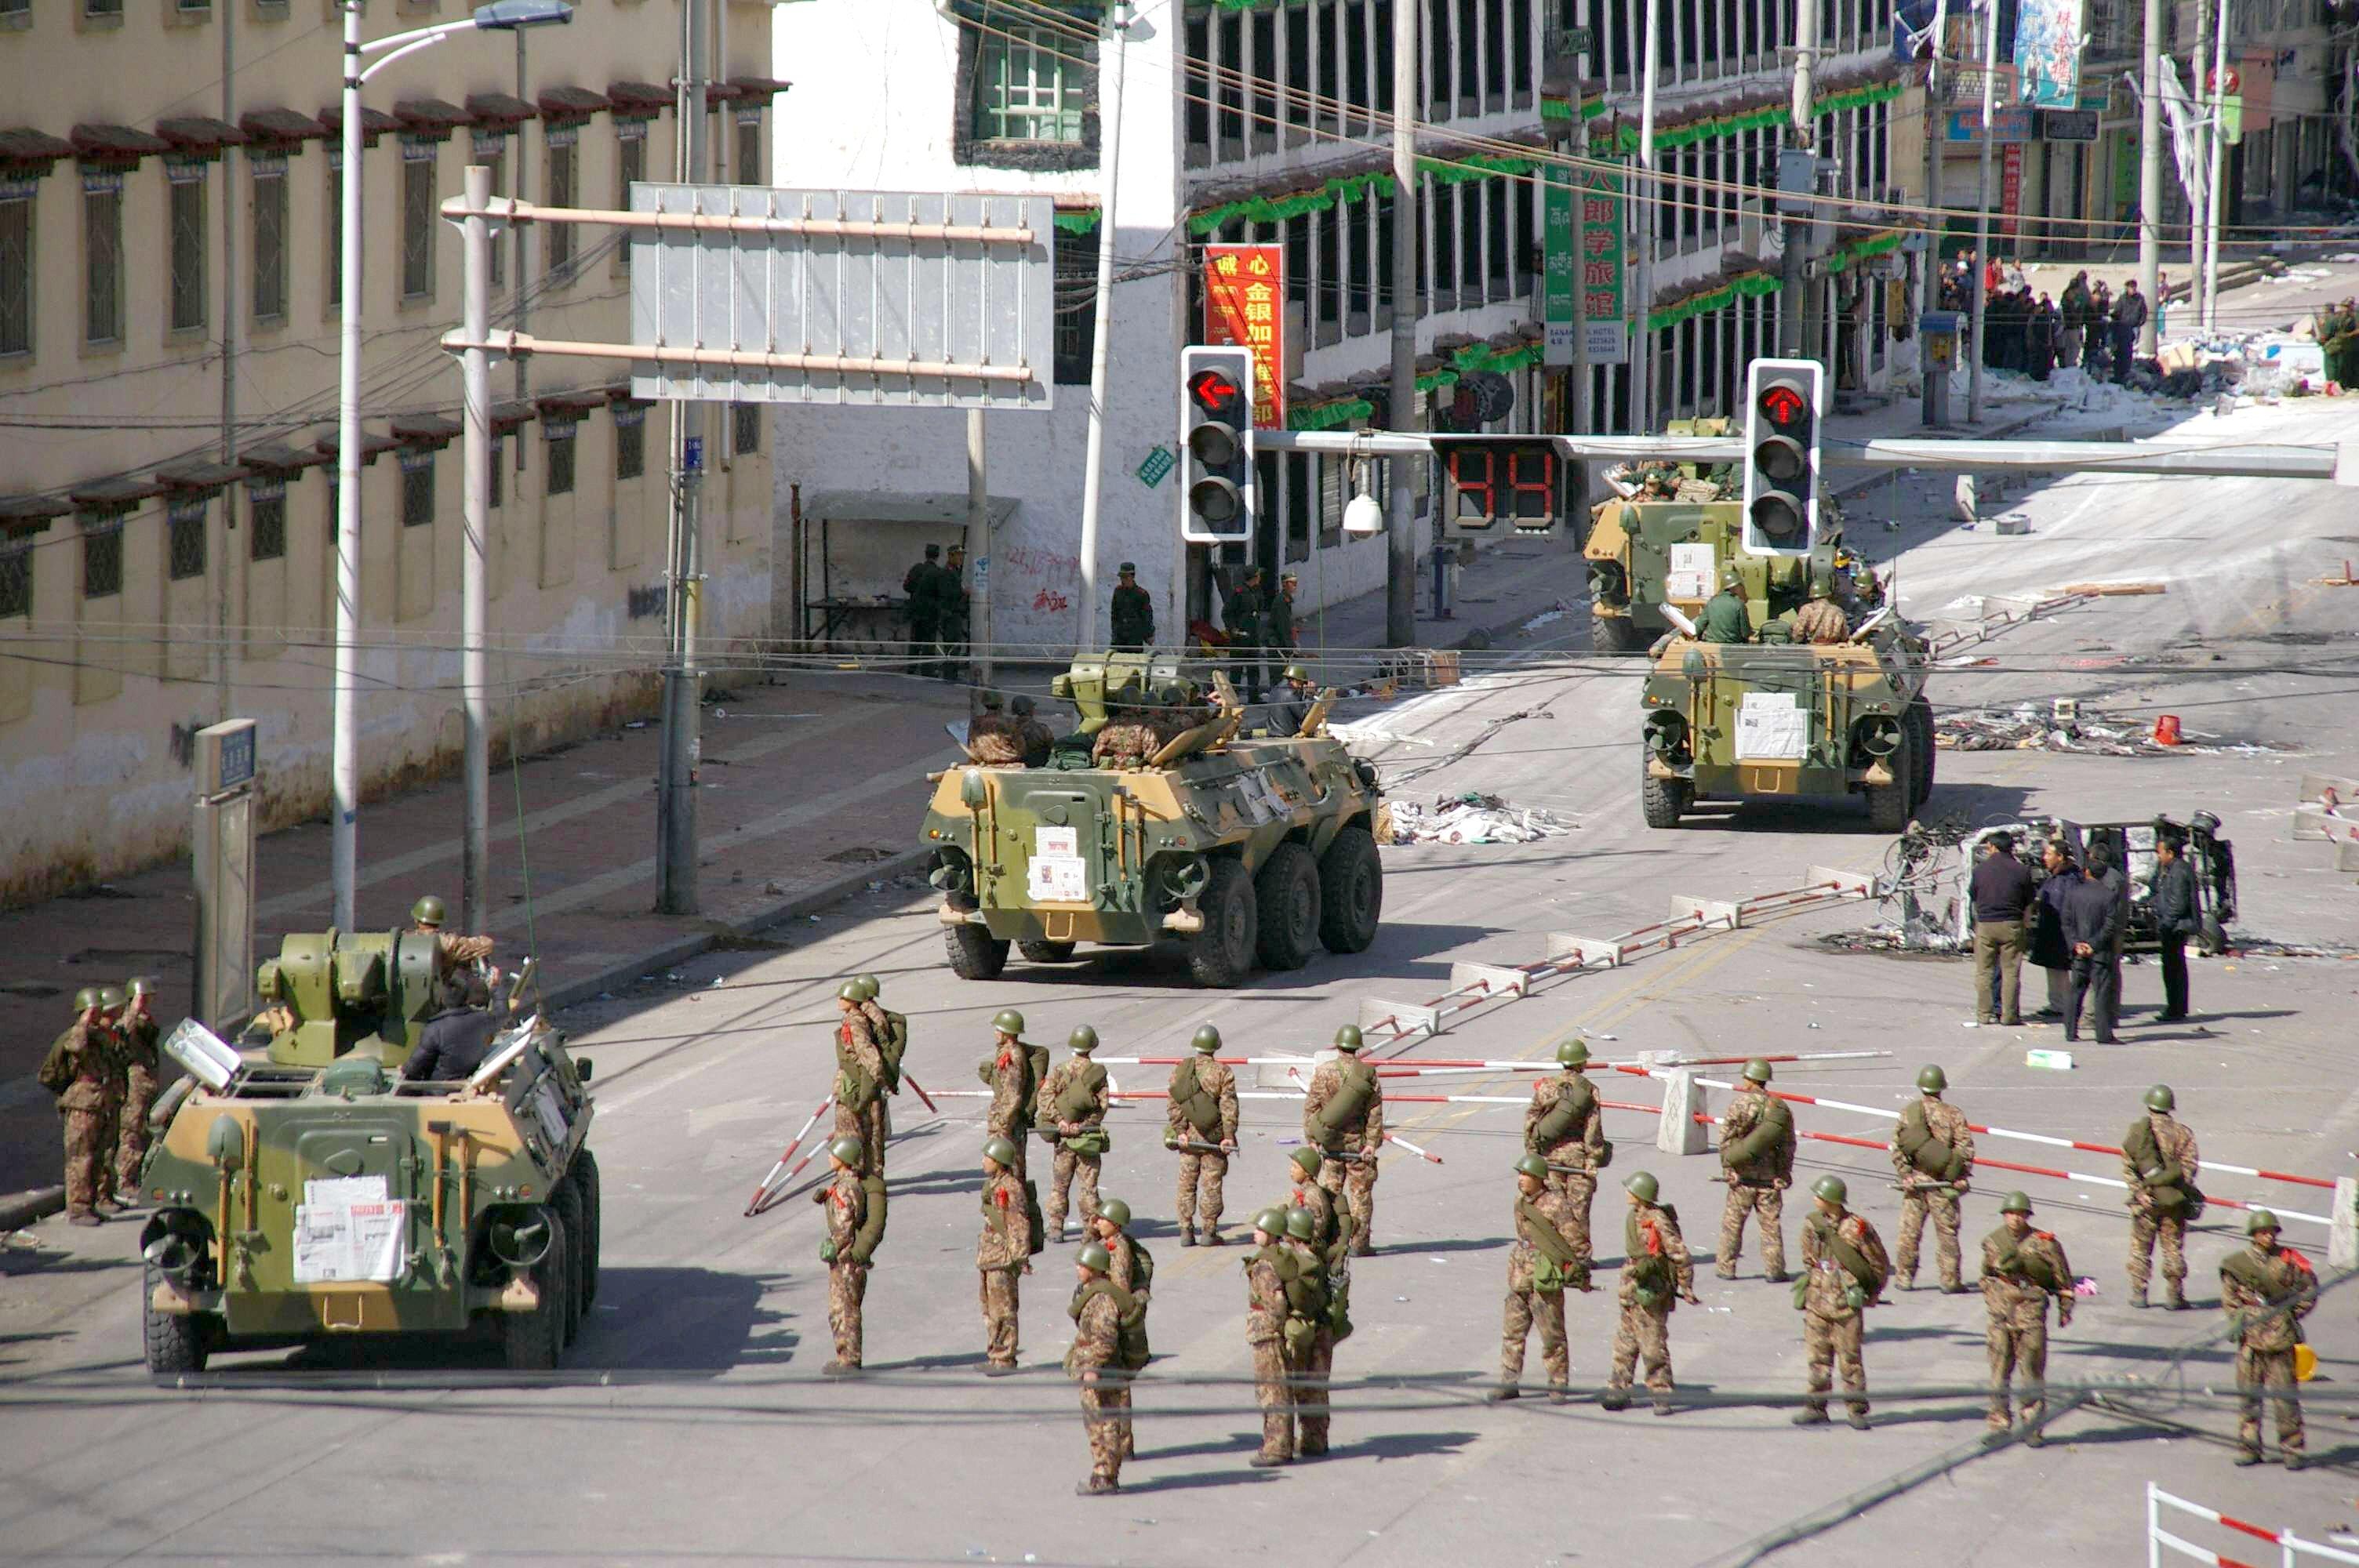 Kinų saugumo pajėgos pasiustos numalšinti protestus. 2008 m. kovo 18d. Lasa